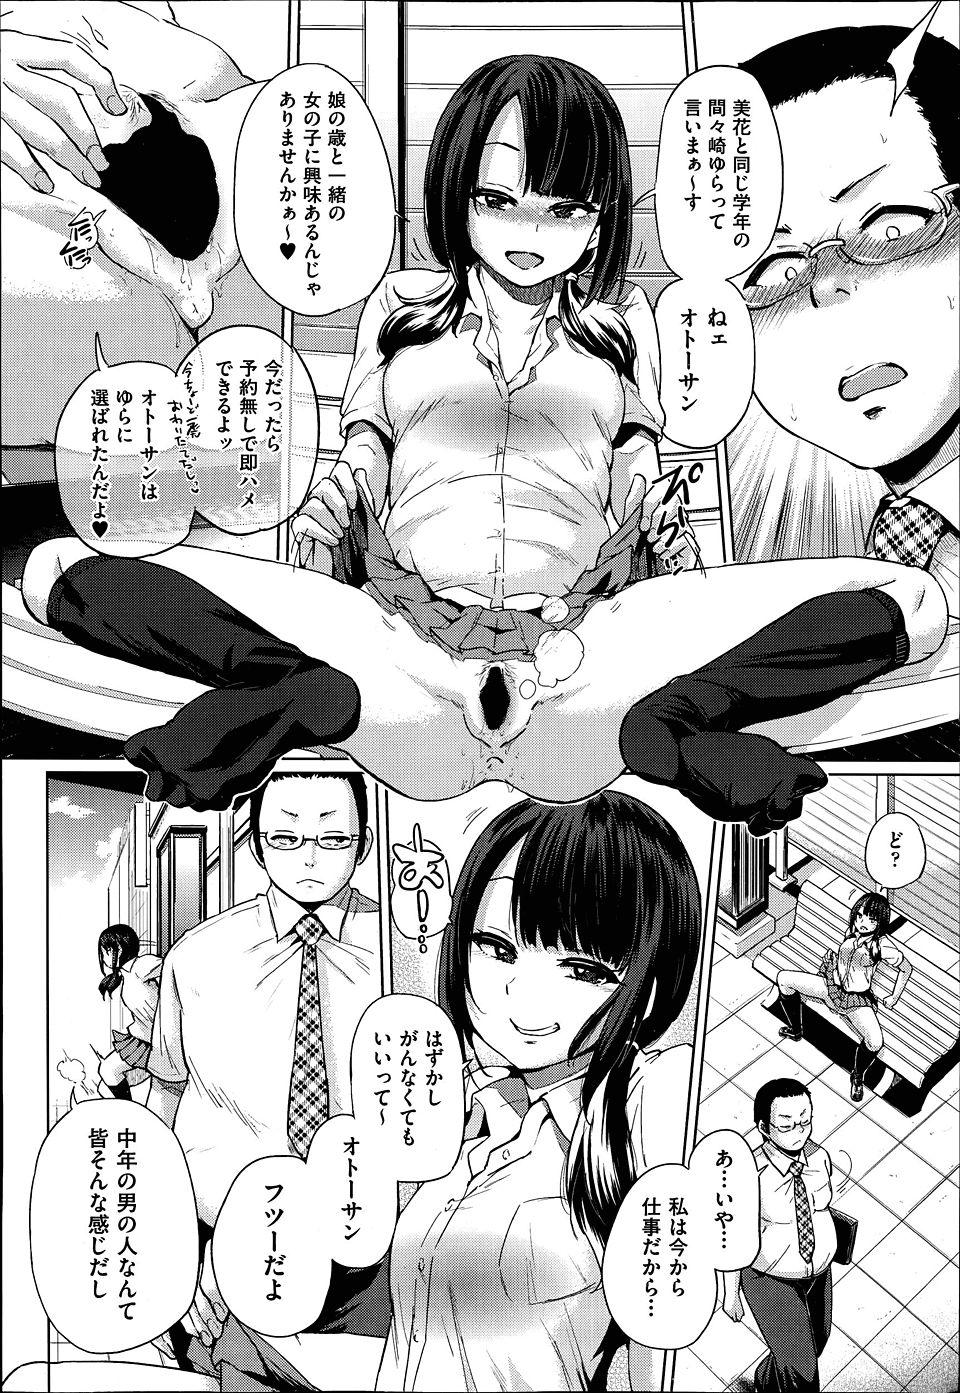 【エロ漫画・エロ同人】娘の友達にエッチしようって誘われてる父親www (4)